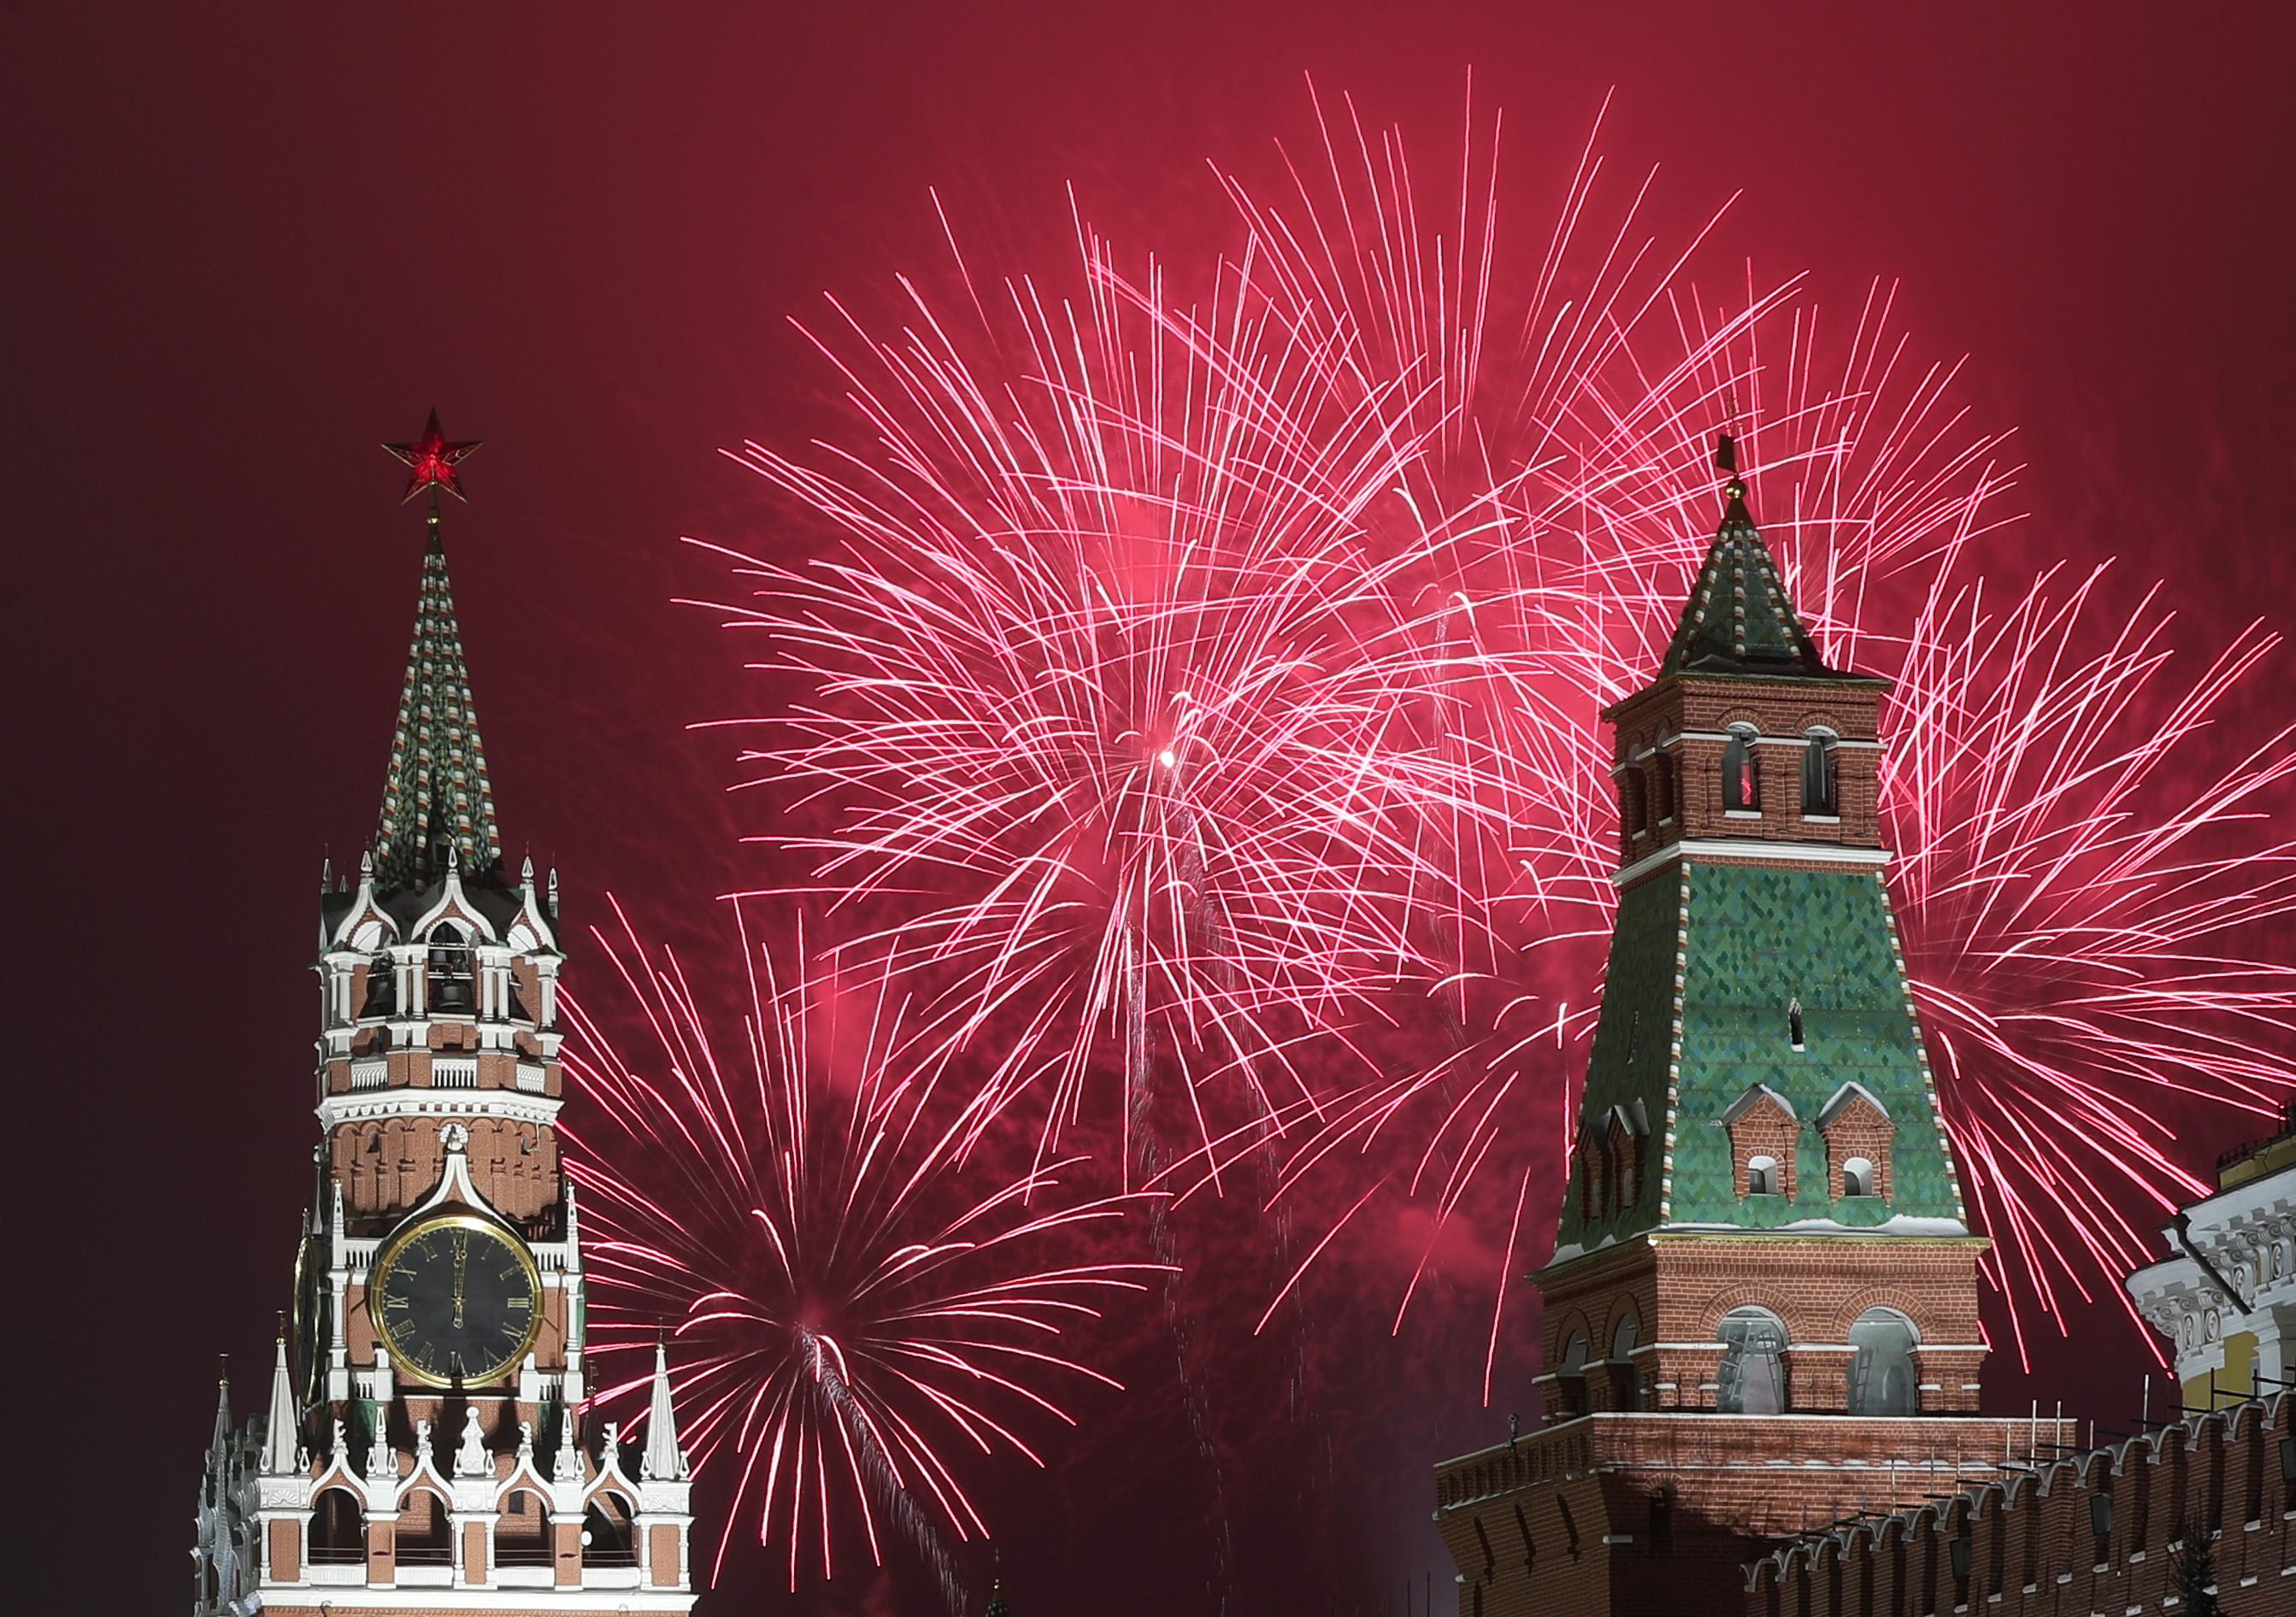 मॉस्को में नए साल पर हुए समारोह के दौरान क्रेमलिन के टावरों के पास का नजारा।